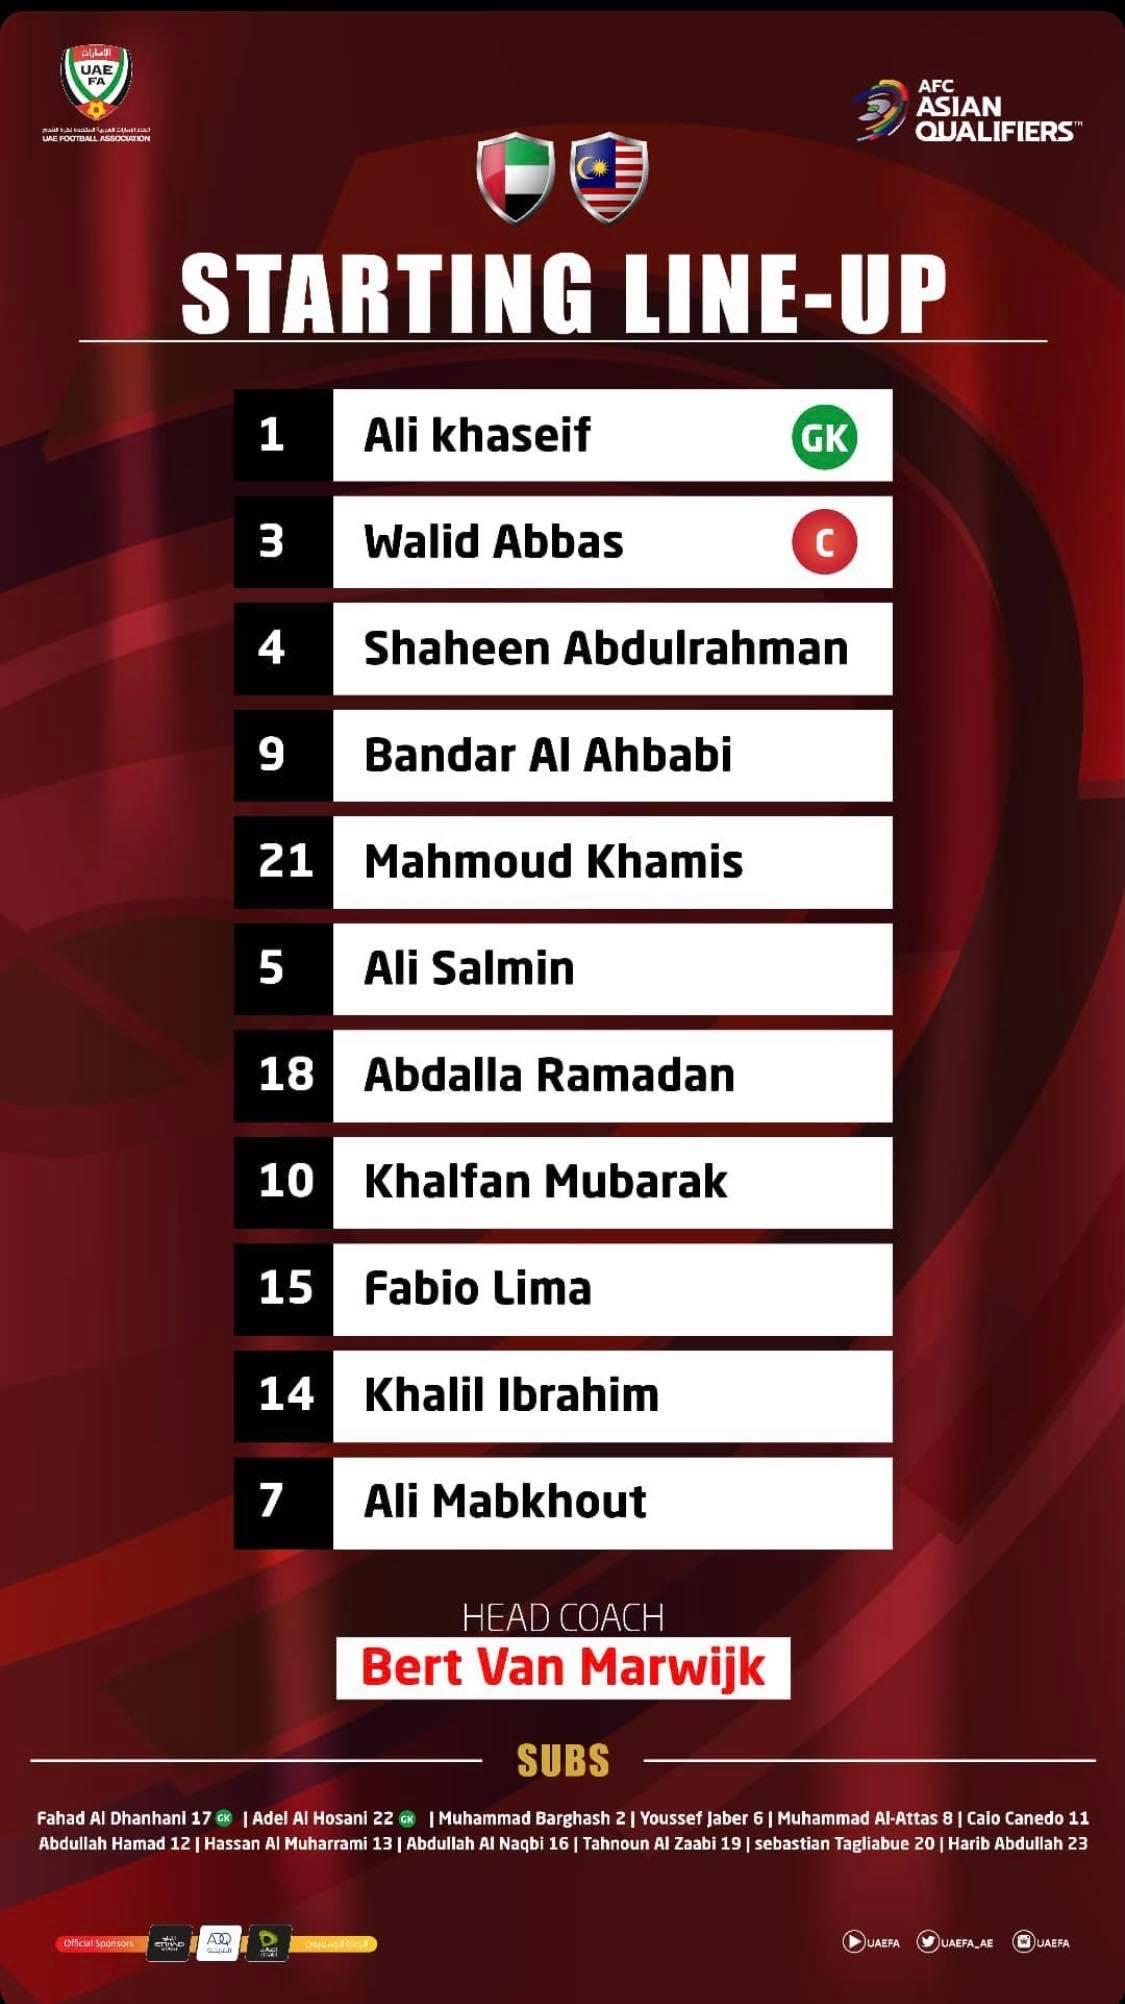 TRỰC TIẾP UAE vs Malaysia: Ván cờ căng não cho Van Marwijk - Bóng Đá